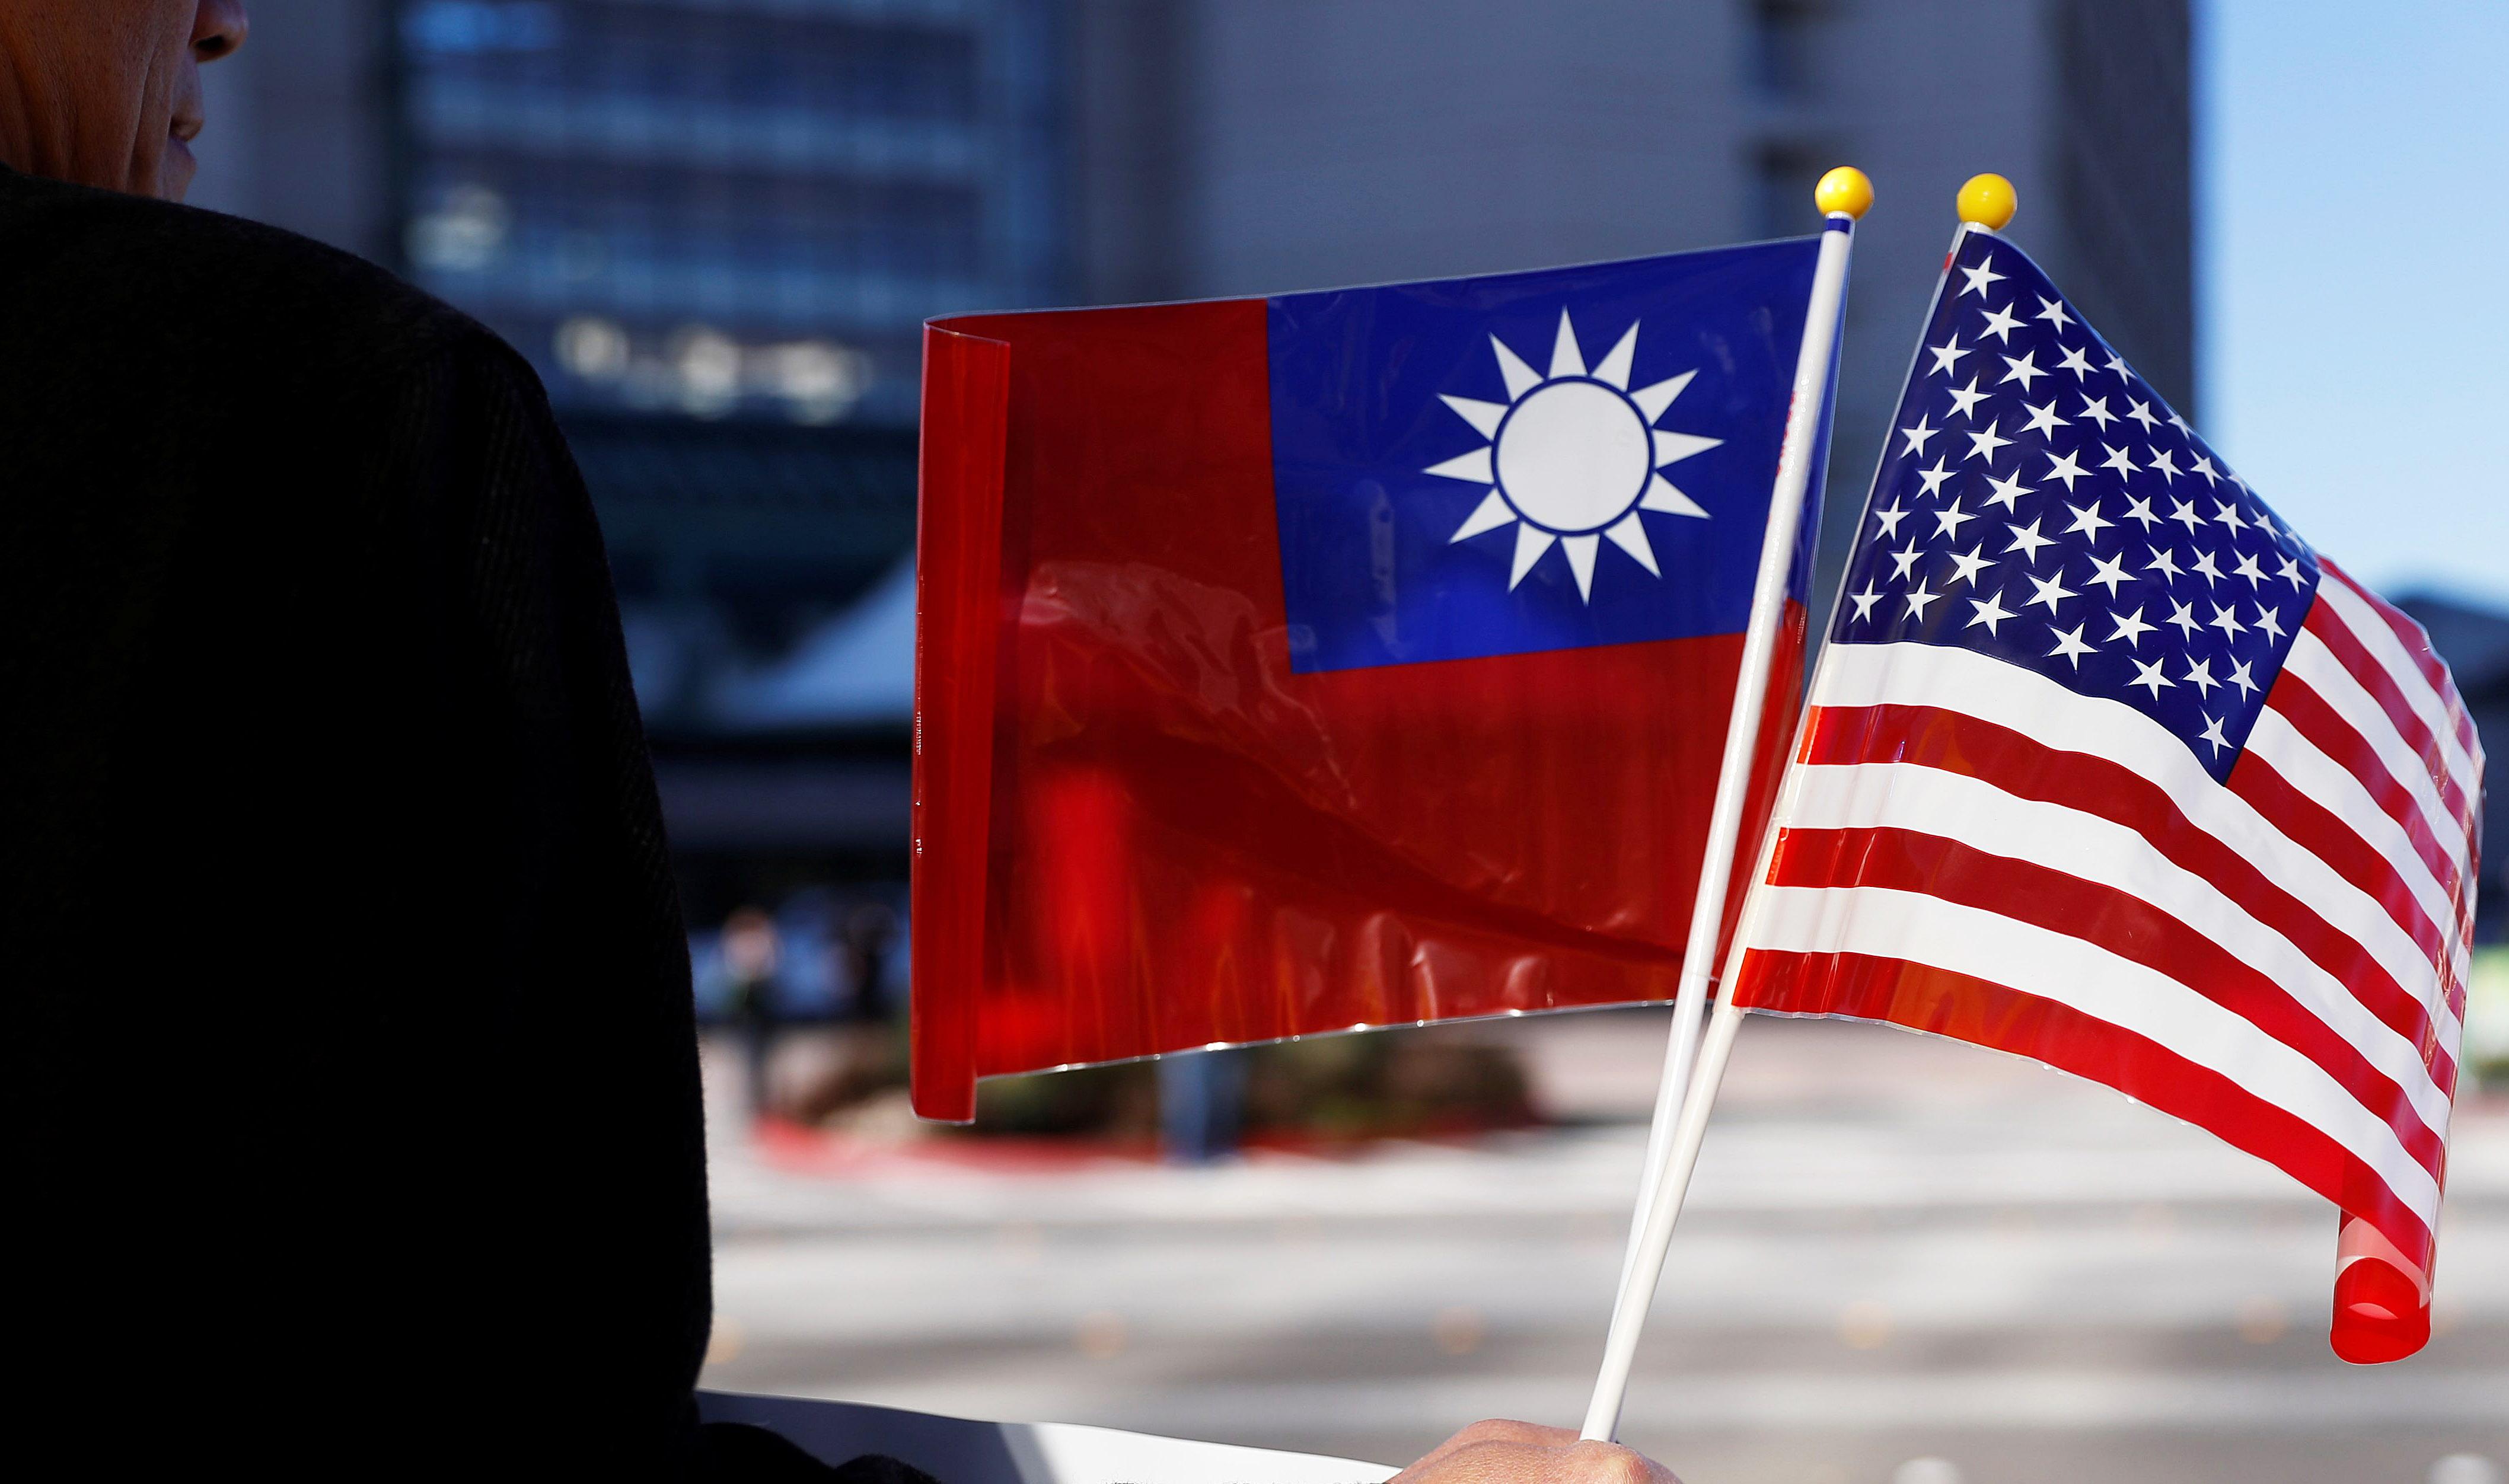 Китайские истребители в небе Тайваня: как КНР не дает свободу своему острову и при чем тут США